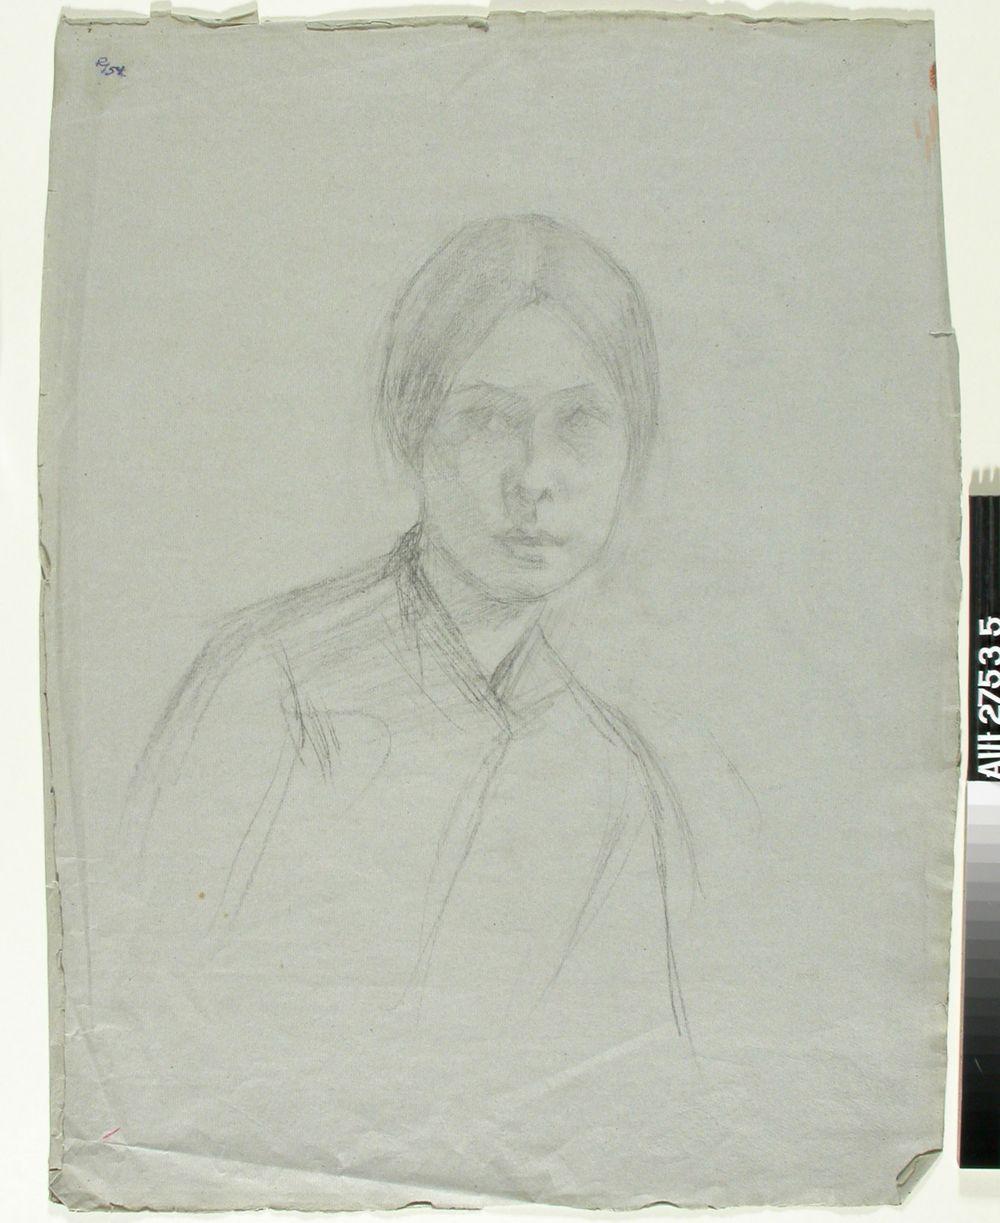 Nuoren naisen rintakuva; samalla lehdellä toisella puolen makaavan tytön pää ja käsi